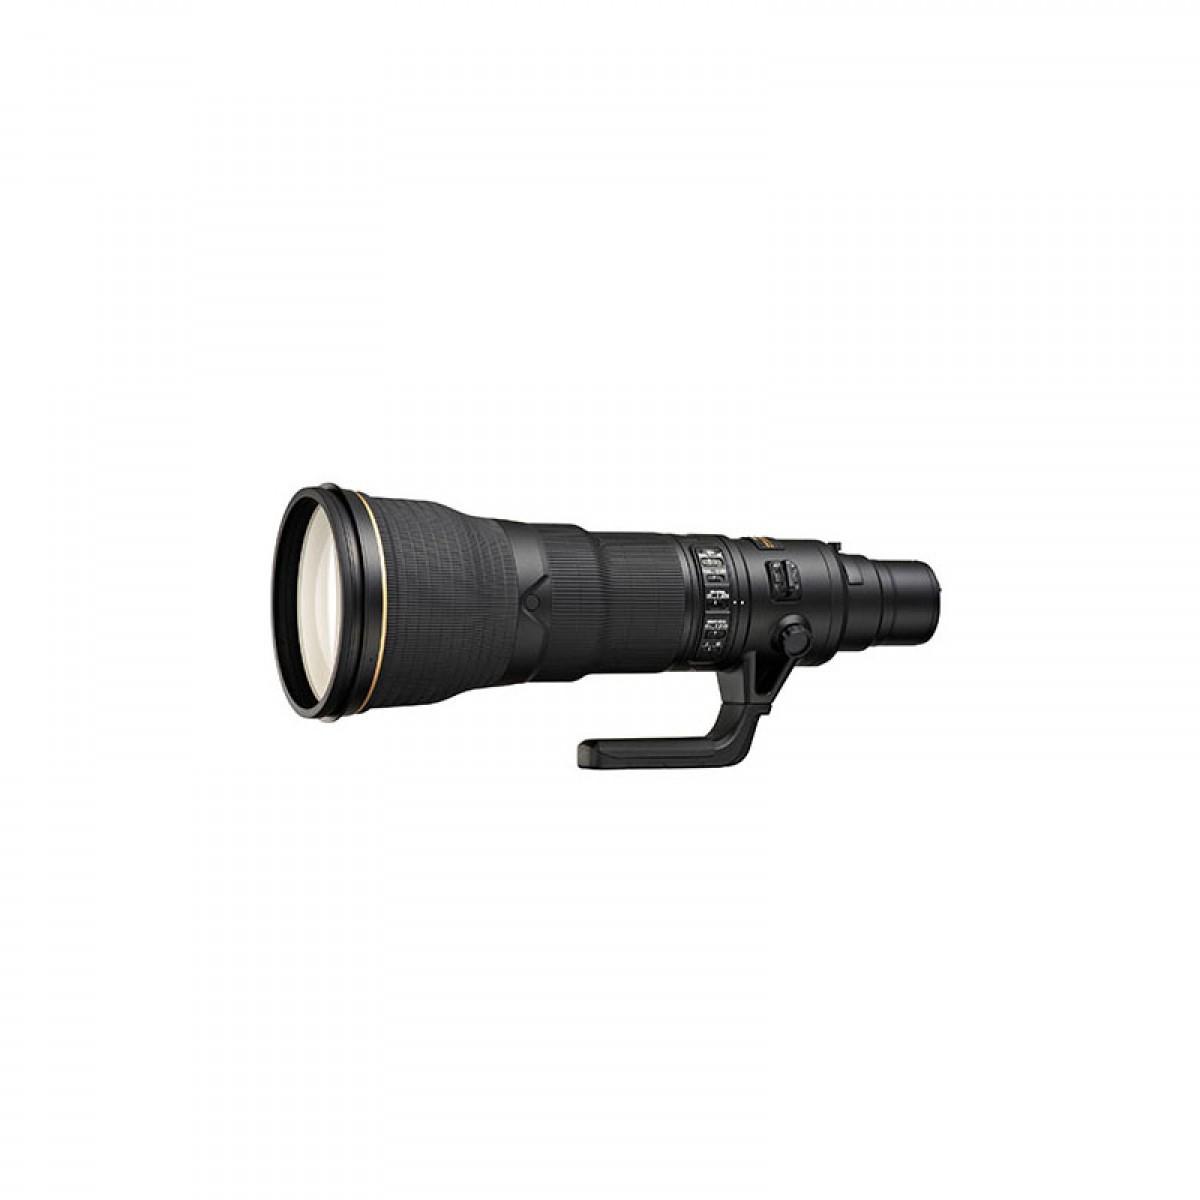 尼康800mm定焦镜头 AF-S 800mm f/5.6E FL ED VR 远摄定焦